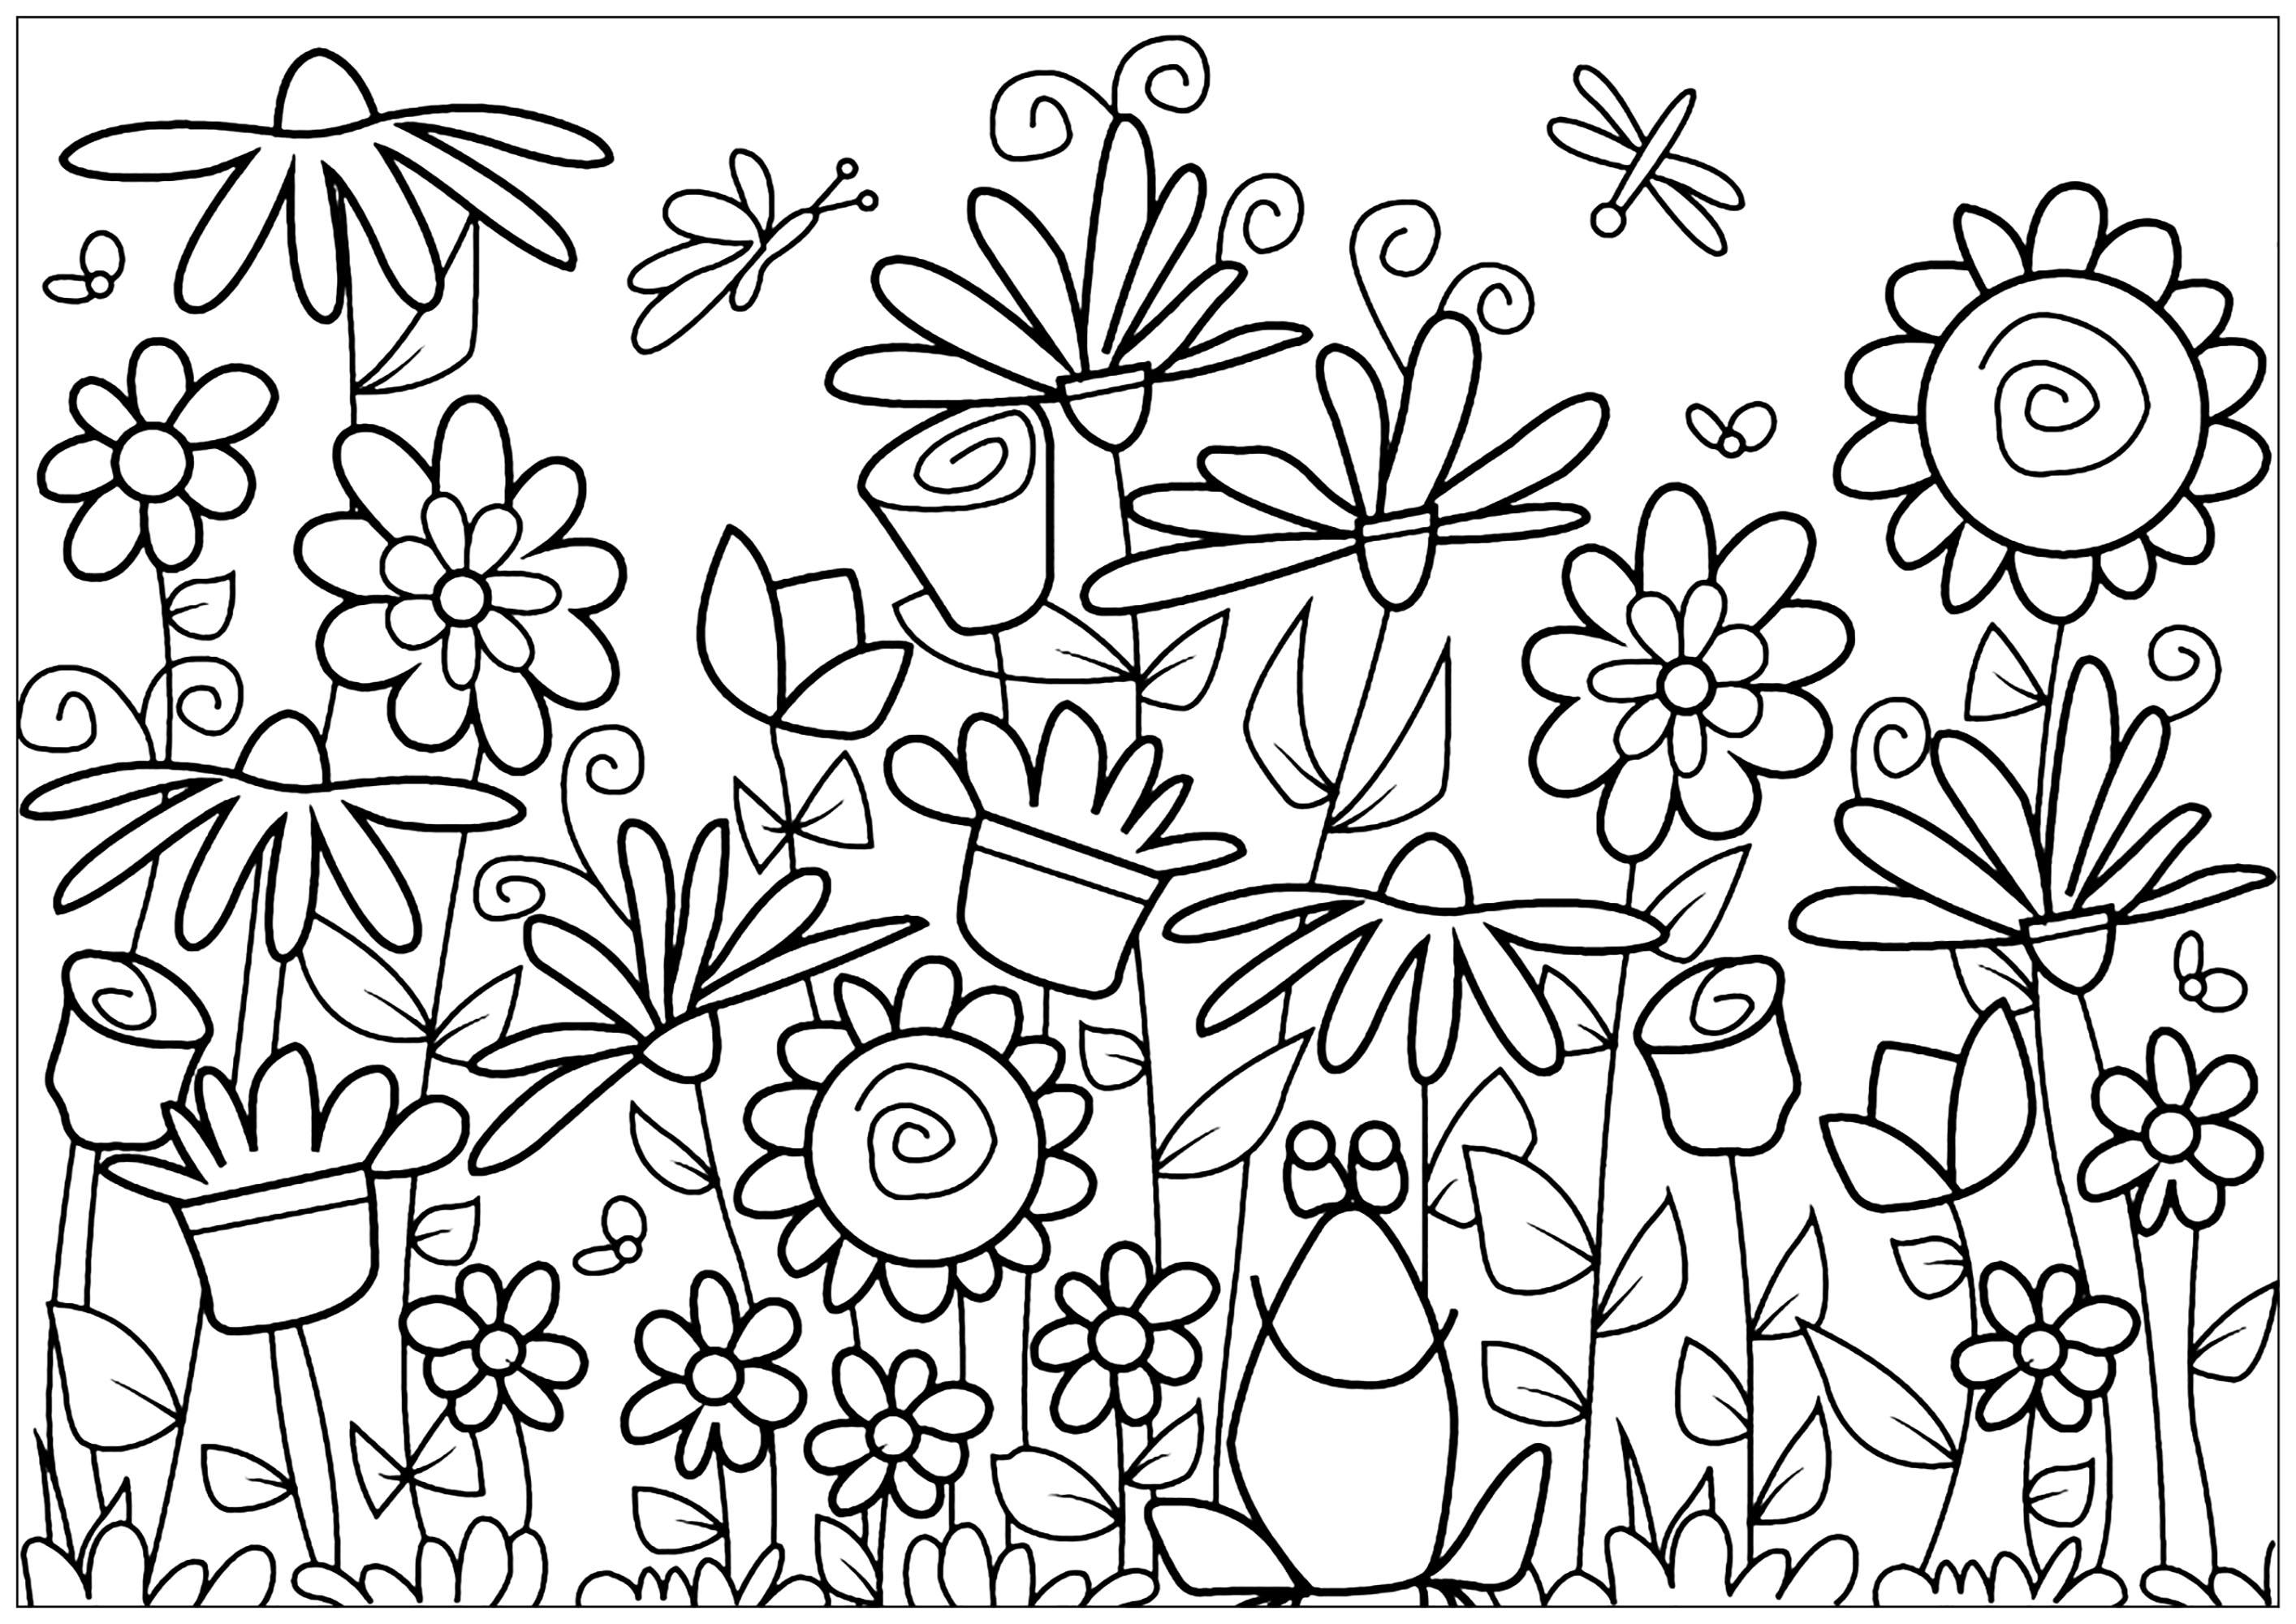 Coloriage avec de géants tournesols, tulipes, marguerites et une petite grenouille